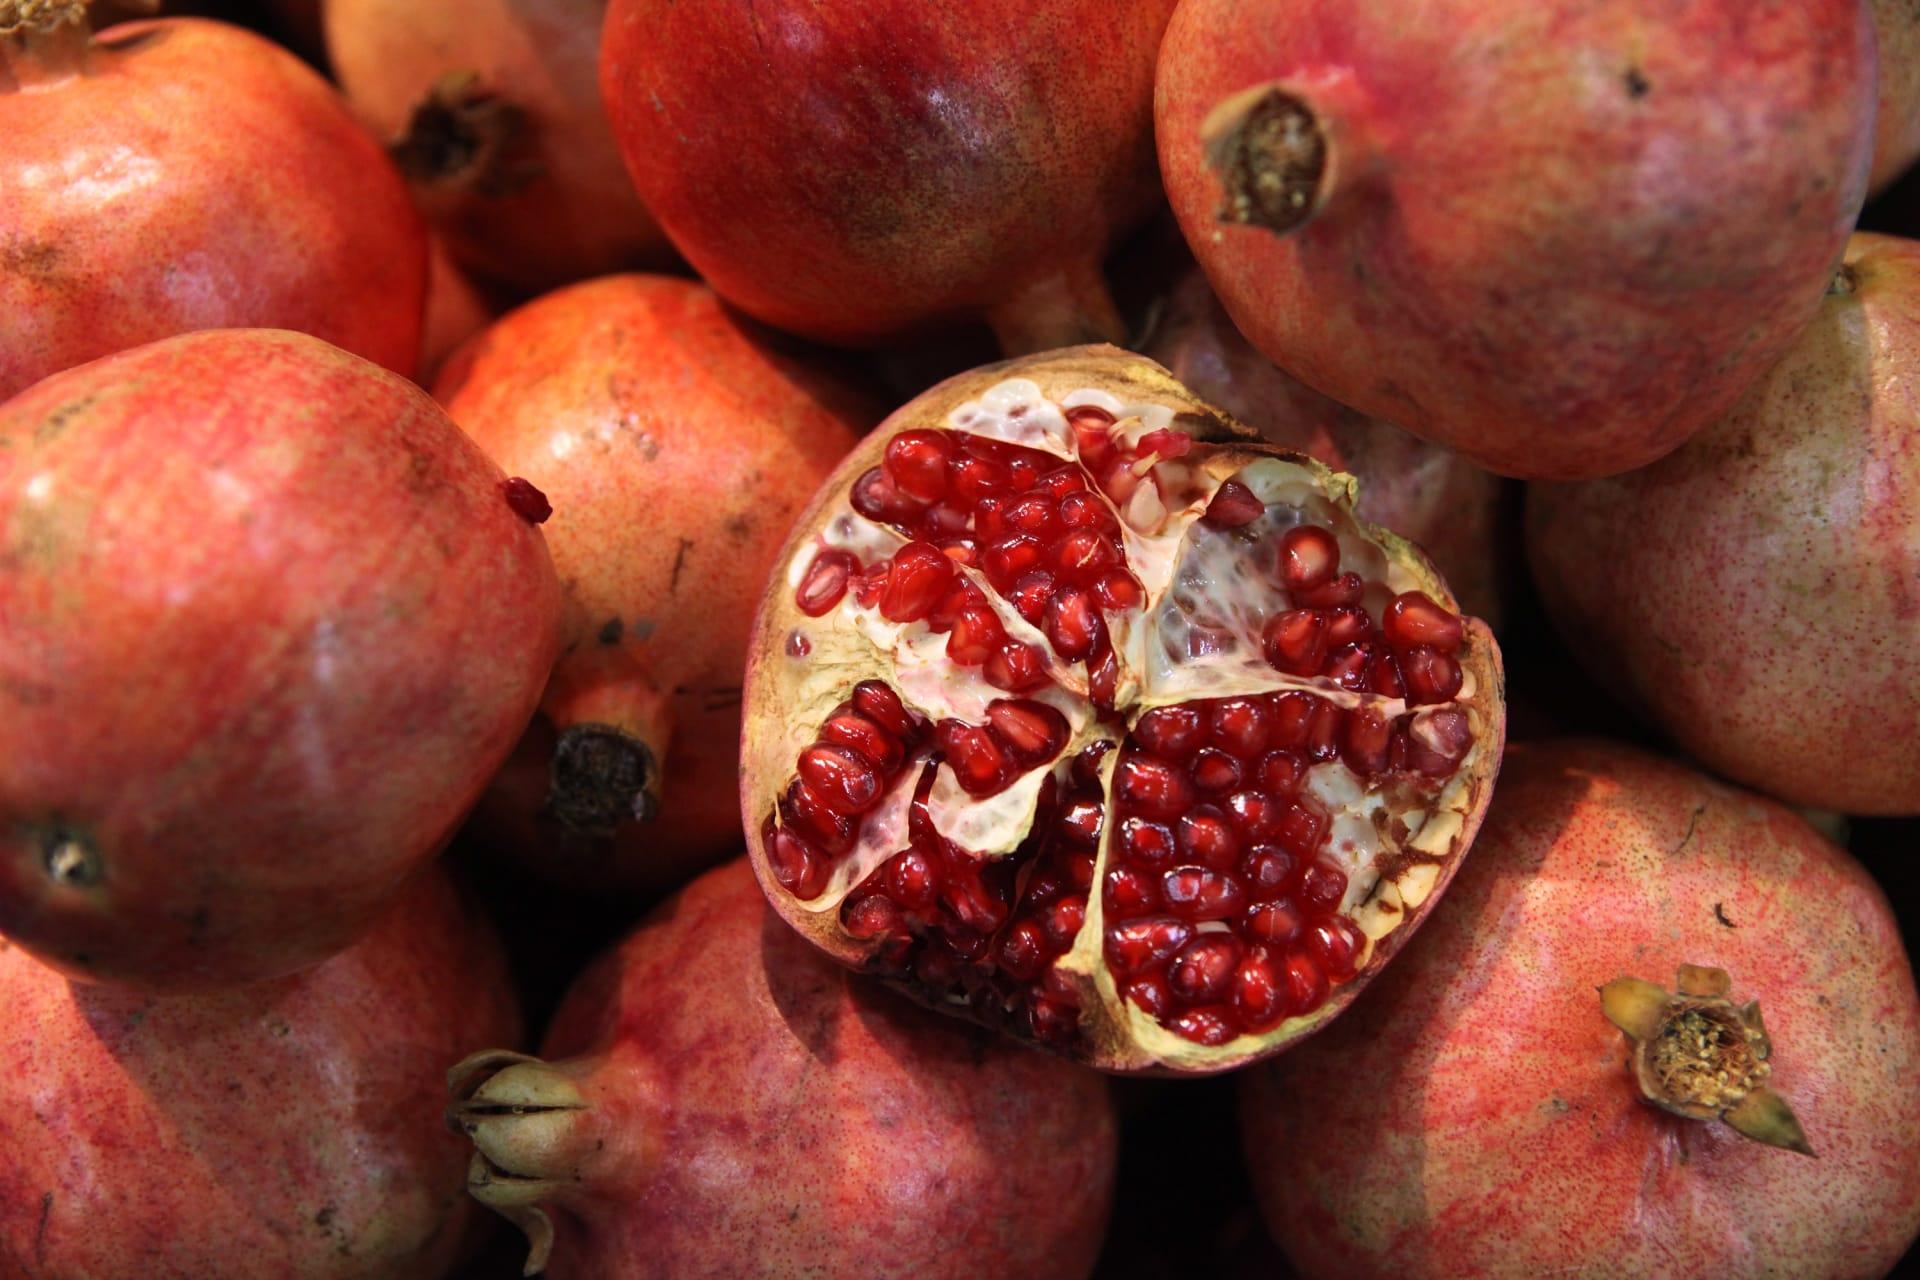 """""""بسبب المخدرات"""".. السعودية تمنع دخول الفواكه والخضروات اللبنانية إلى أراضيها وتوجه رسالة للسلطات"""